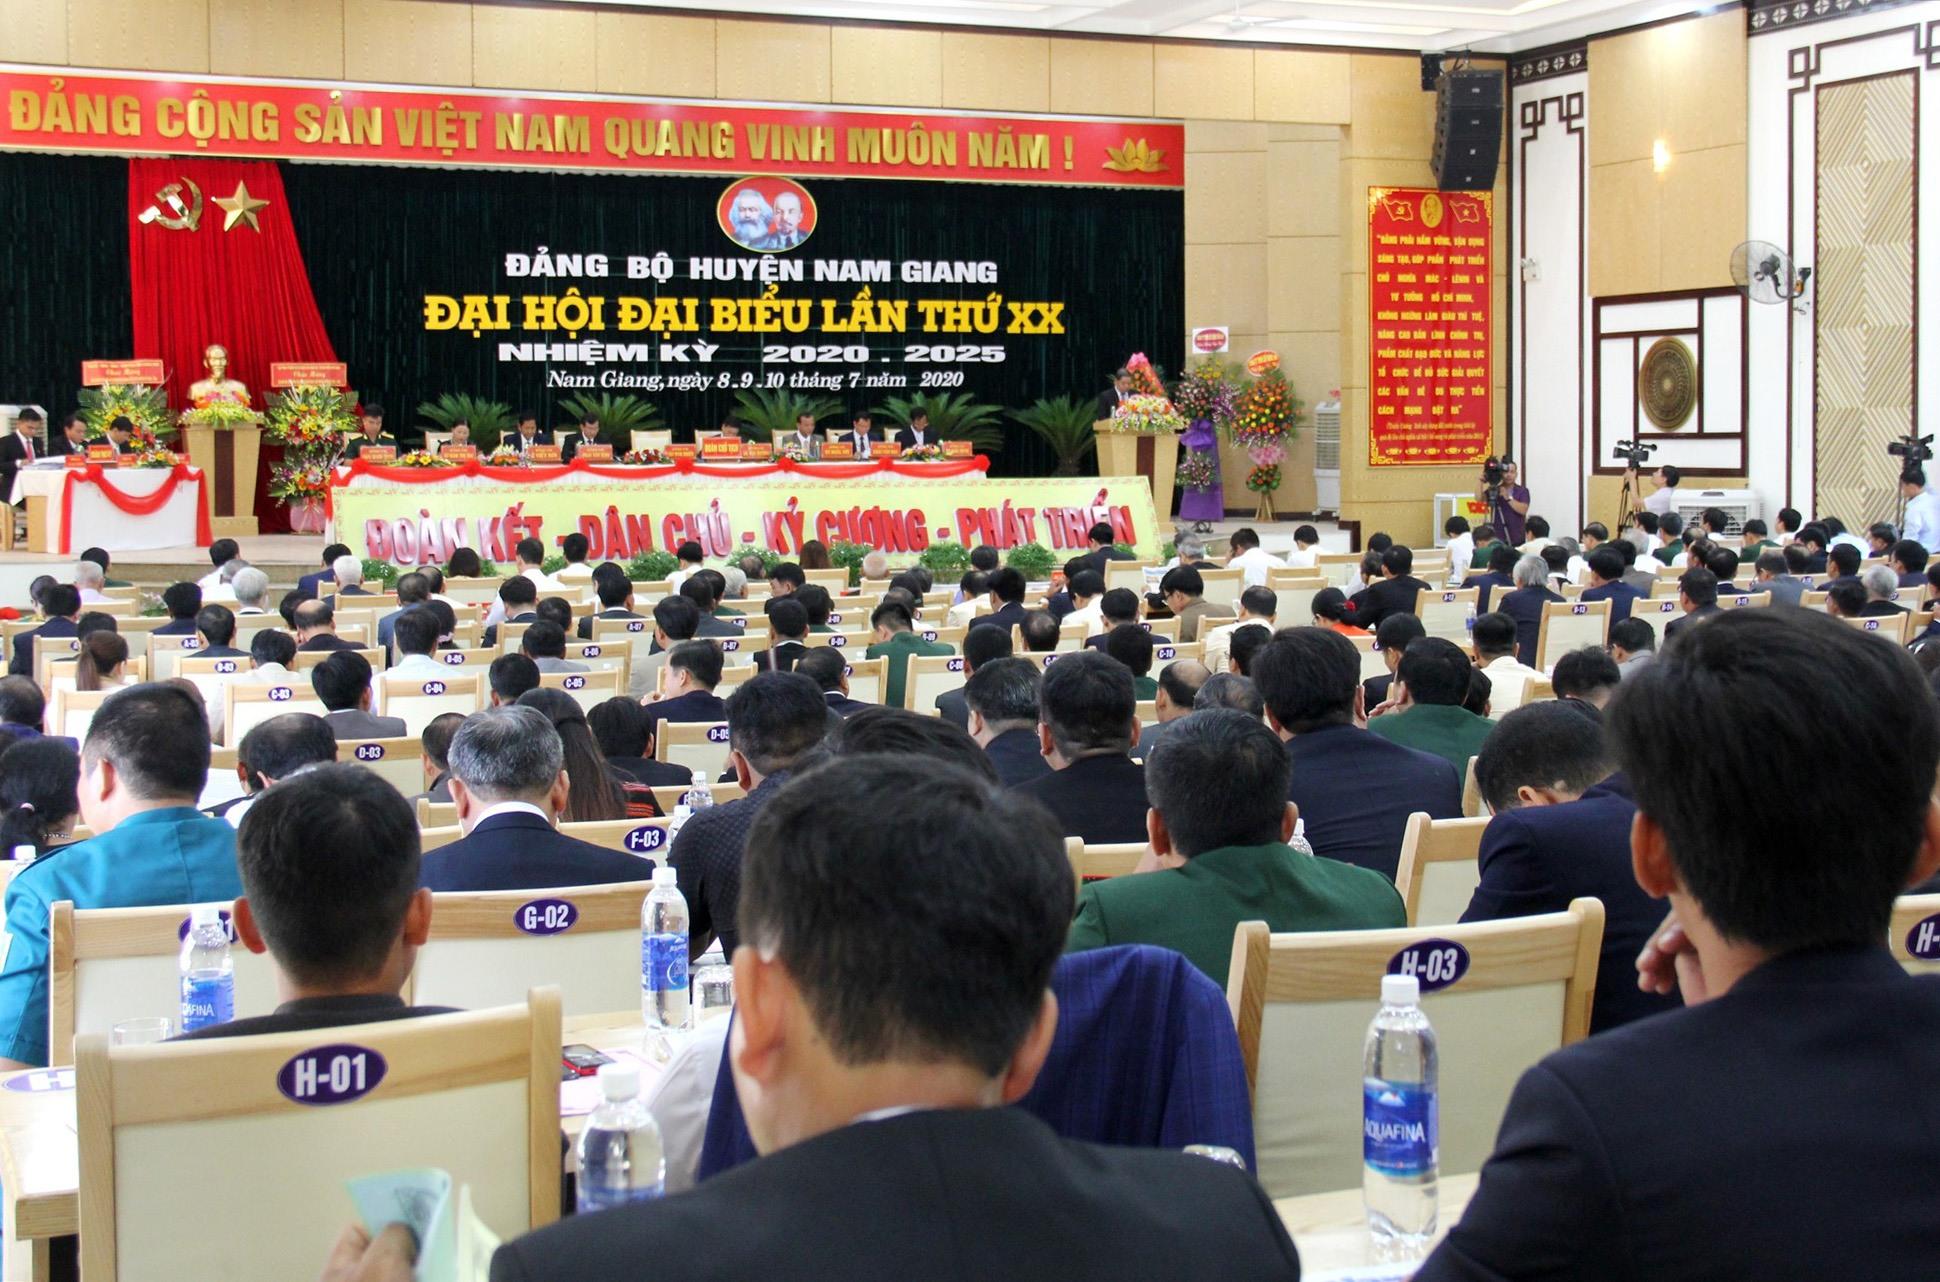 Quang cảnh Đại hội đại biểu Đảng bộ huyện Nam Giang nhiệm kỳ 2020 - 2025. Ảnh: A.N